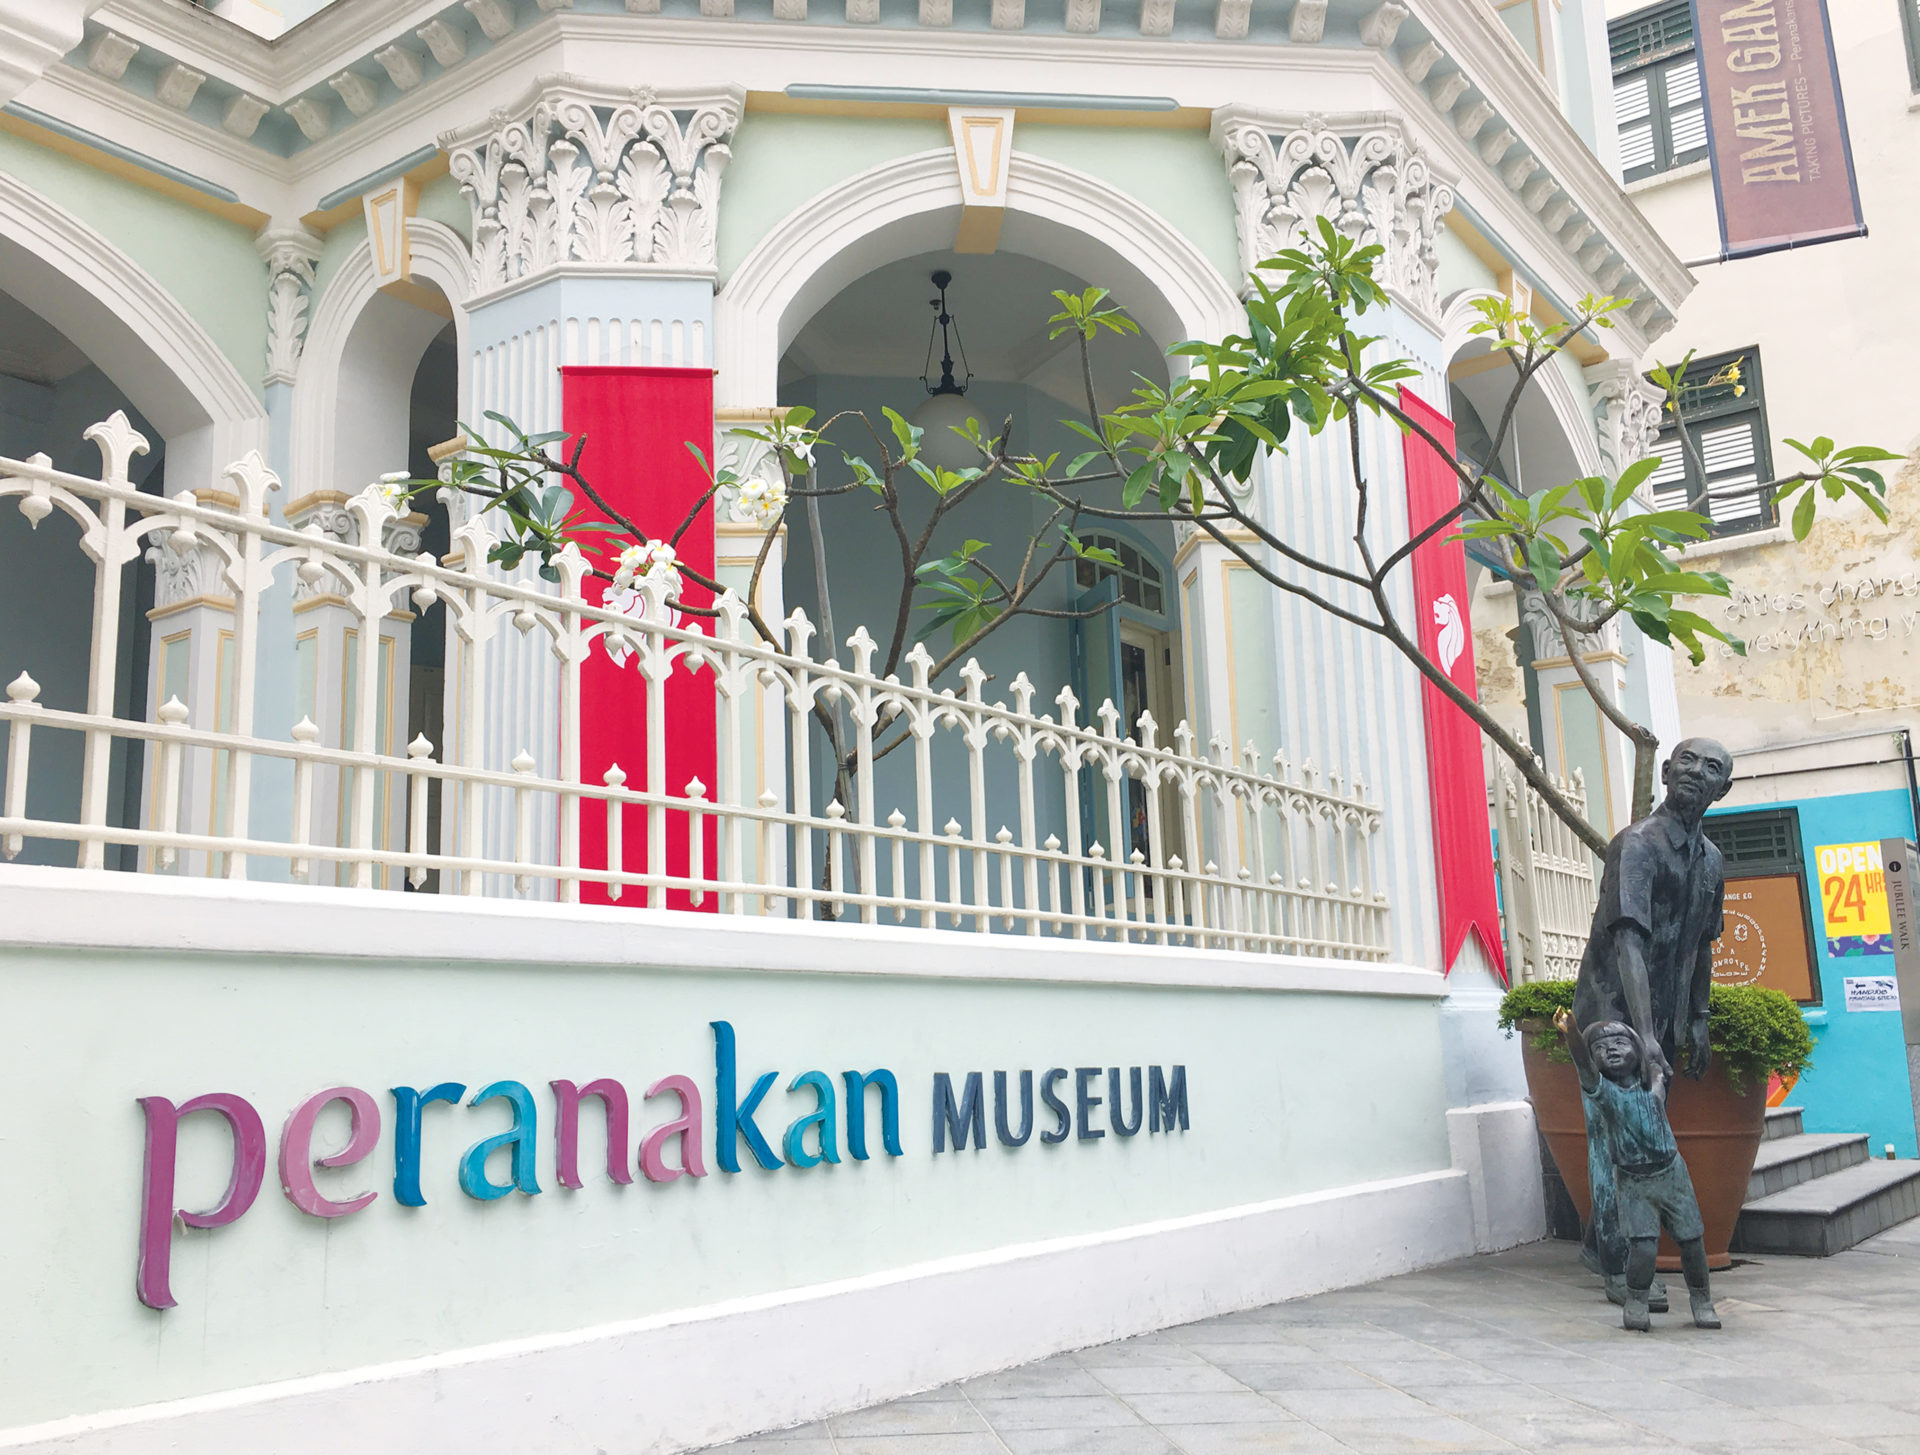 【亞太博物館連線專欄】新加坡土生華人博物館-探尋Peranakan的前世今生